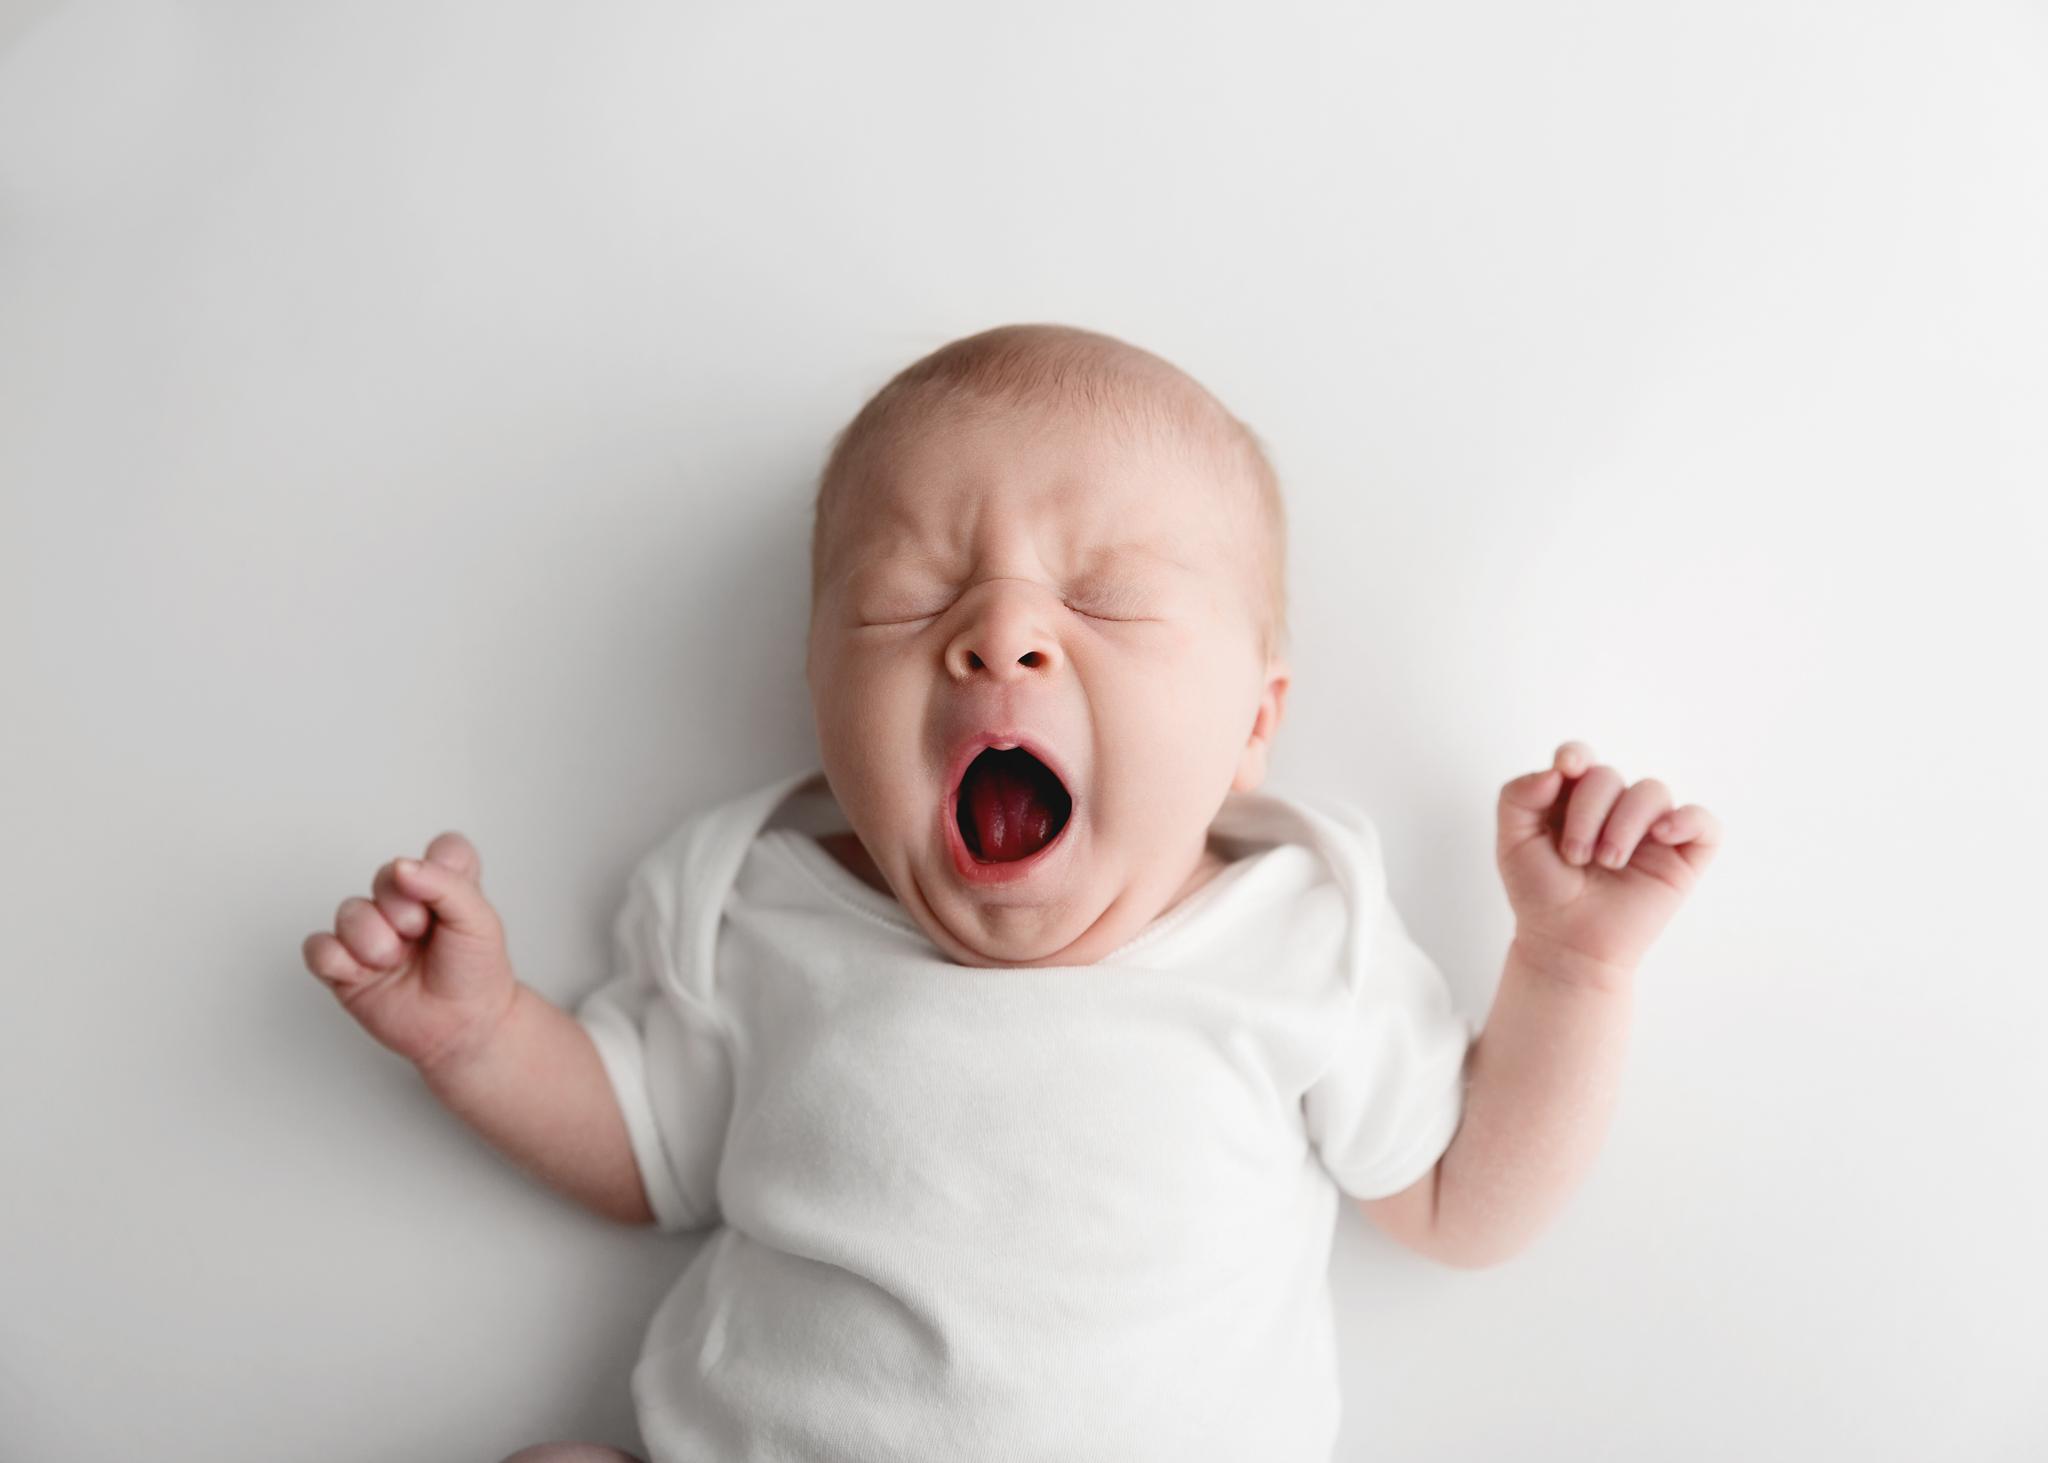 banchory photographer aberdeen newborn photographer